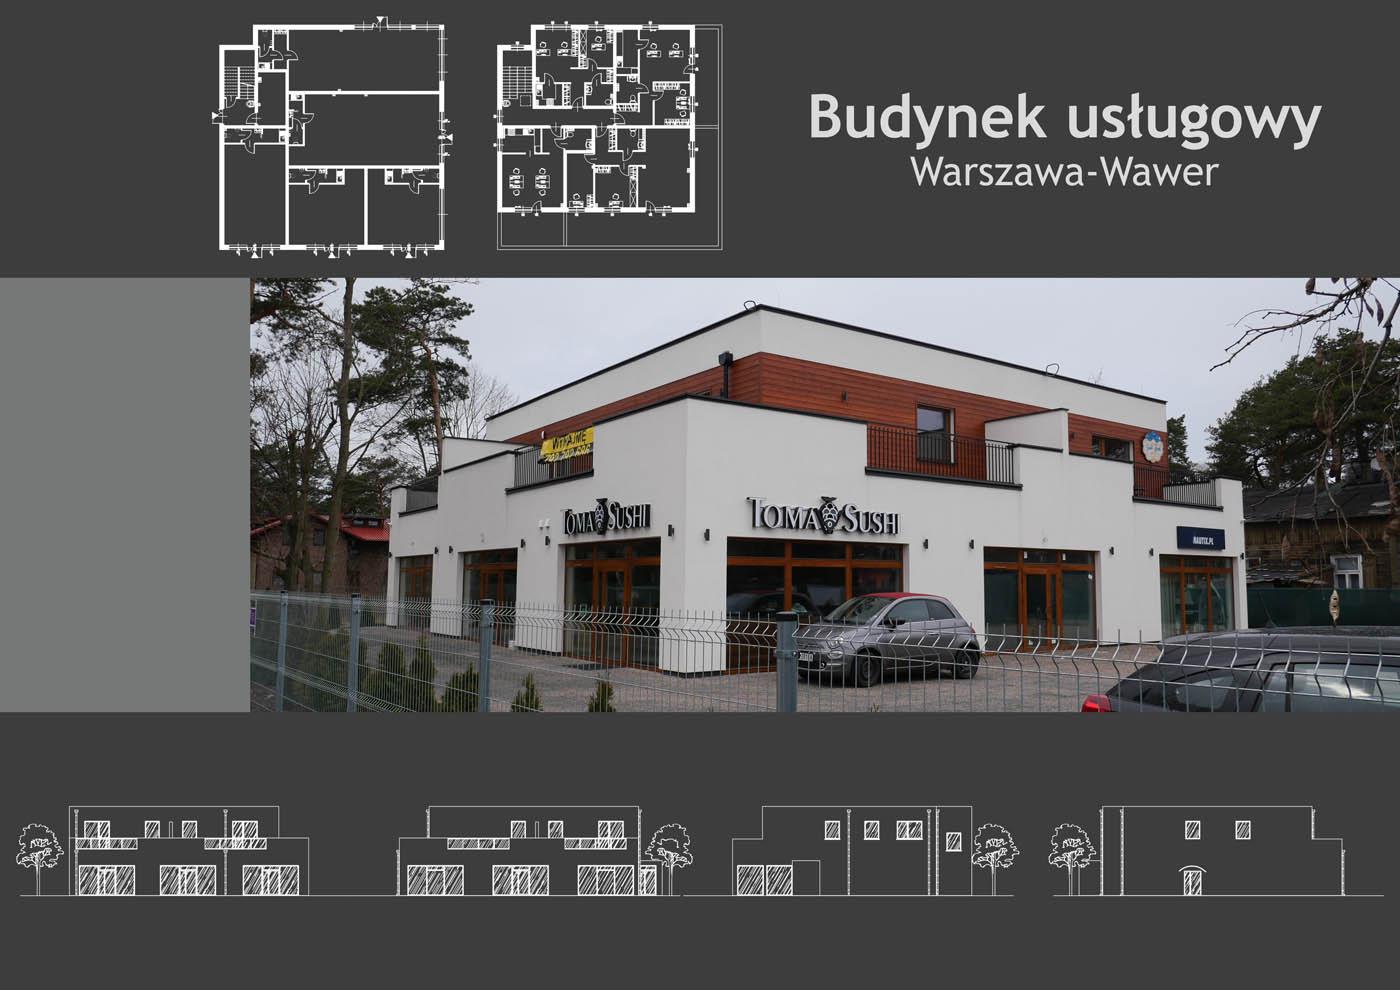 Budynek usługowy Warszawa-Wawer